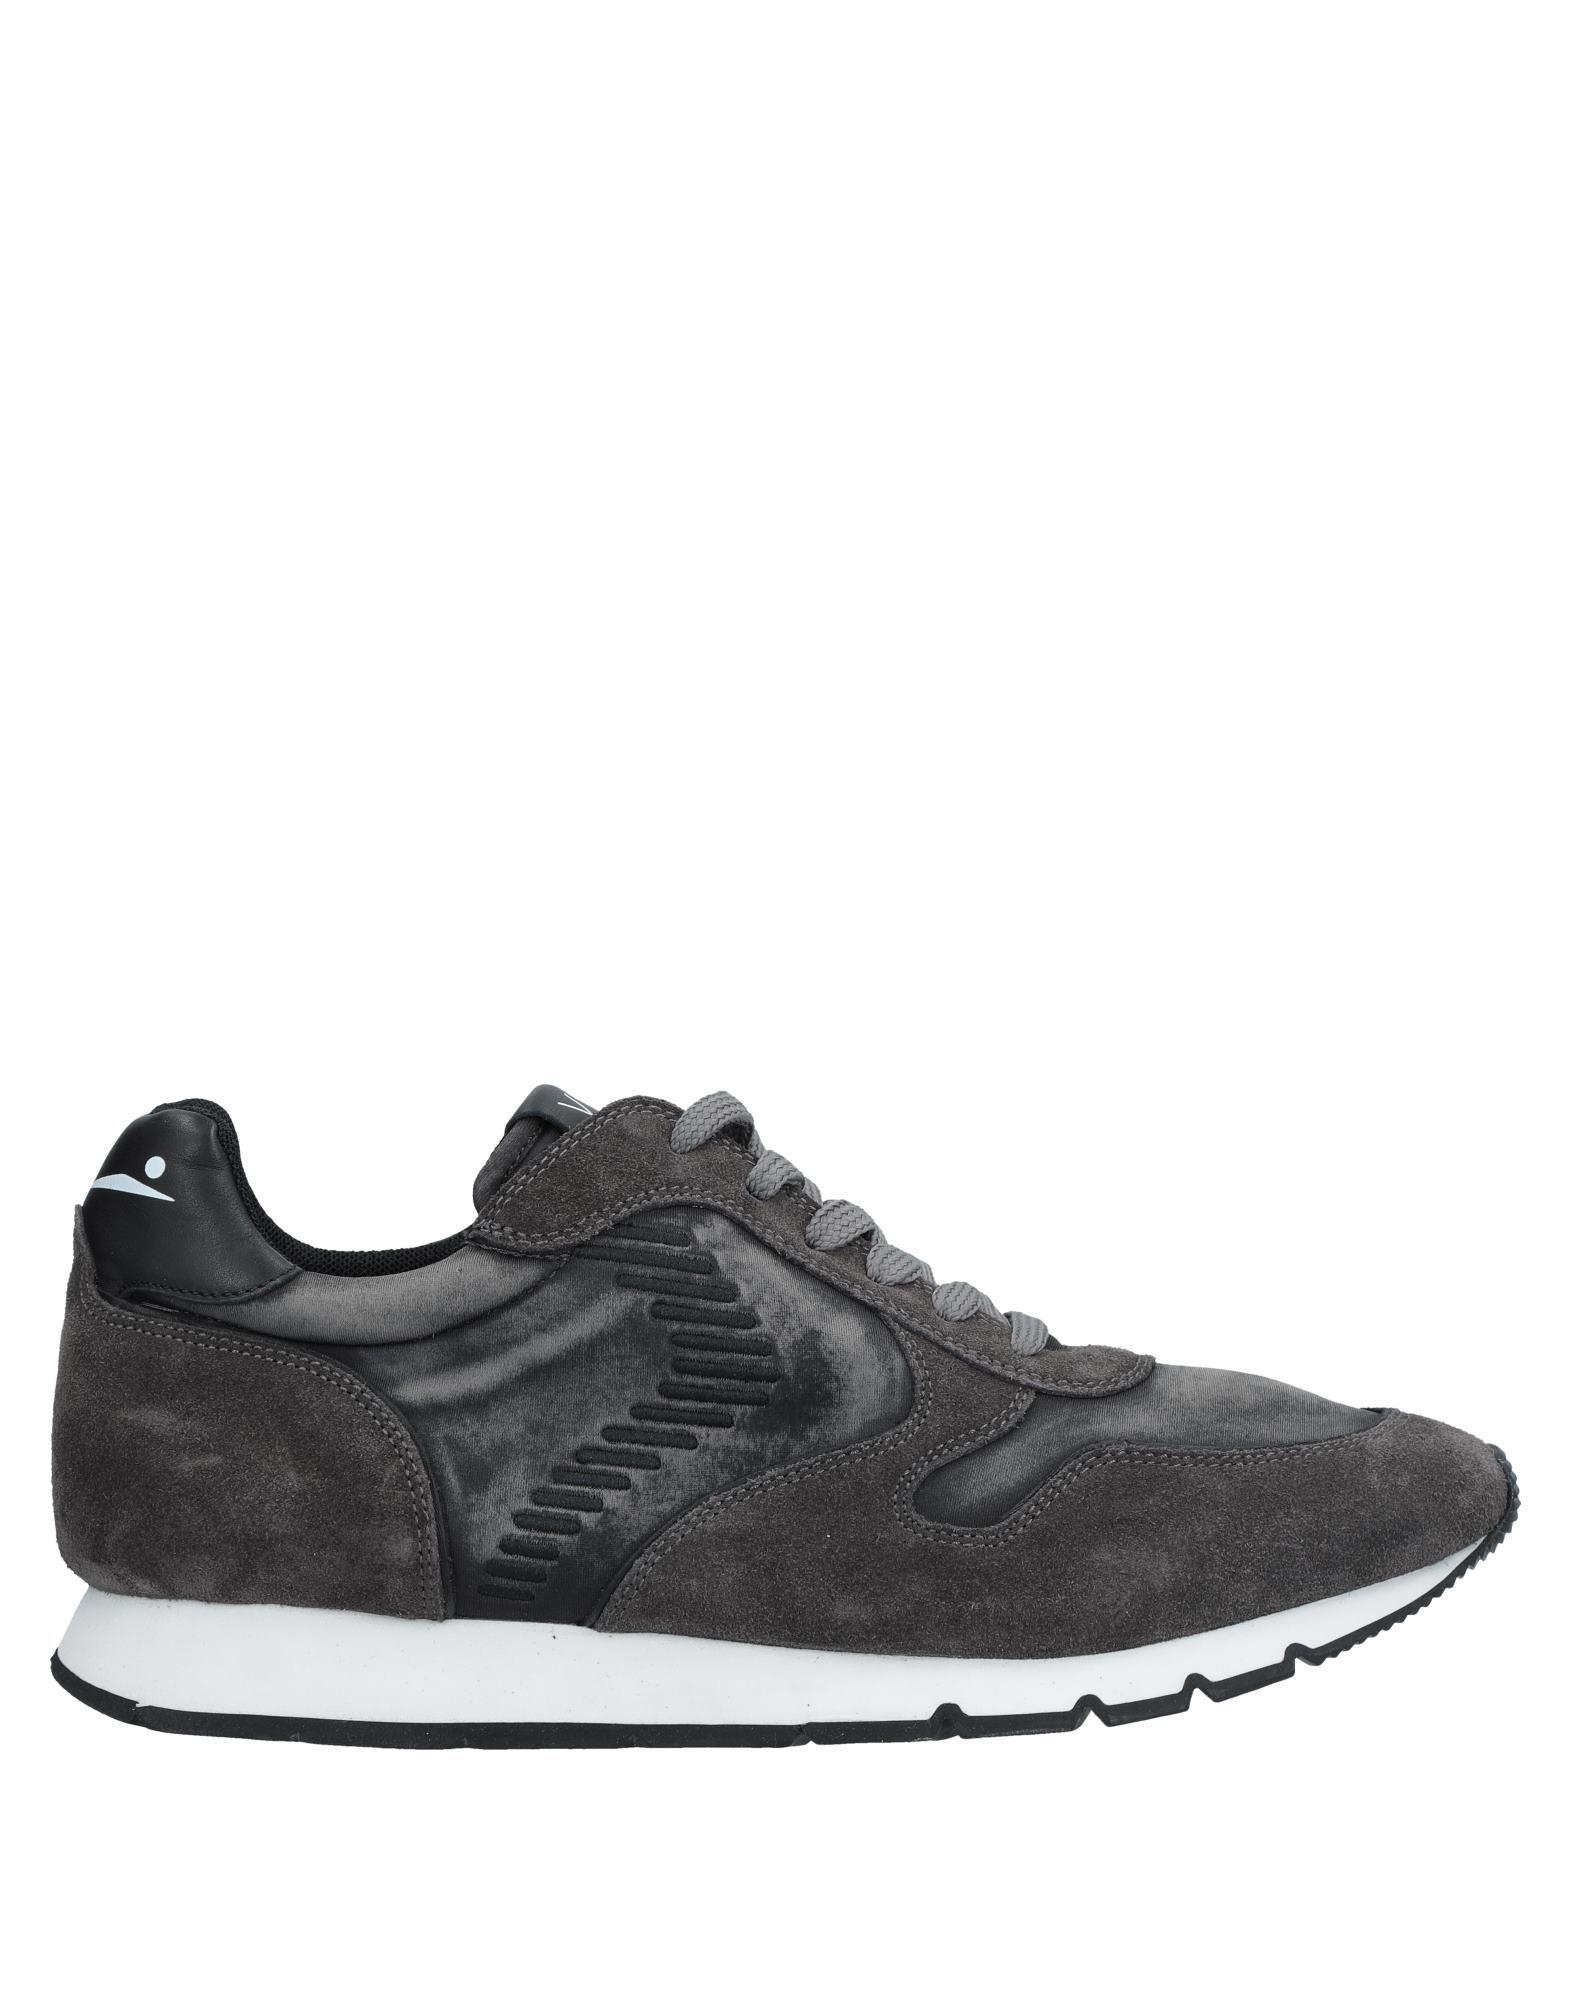 Voile Blanche Sneakers Herren  11534912JC Gute Qualität beliebte Schuhe